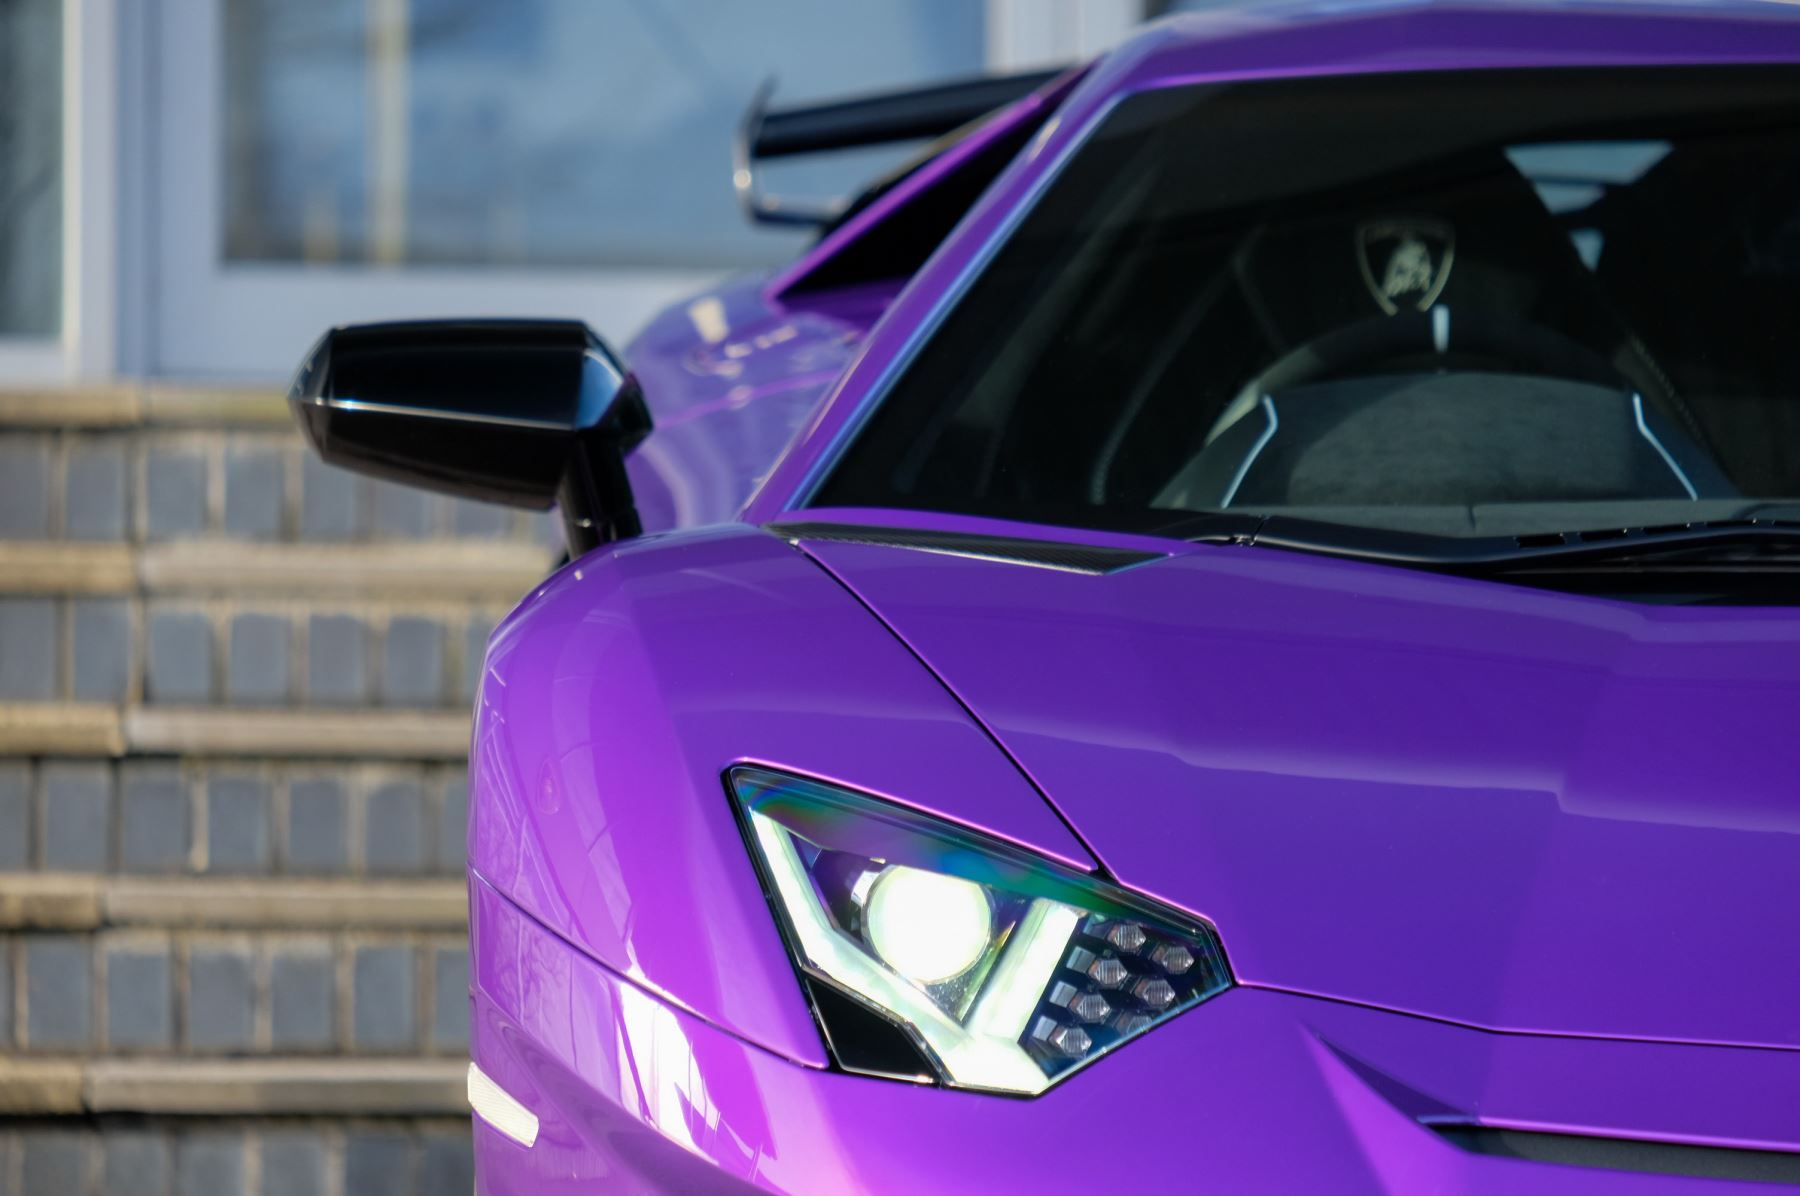 Lamborghini Aventador SVJ Coupe LP 770-4 ISR image 10